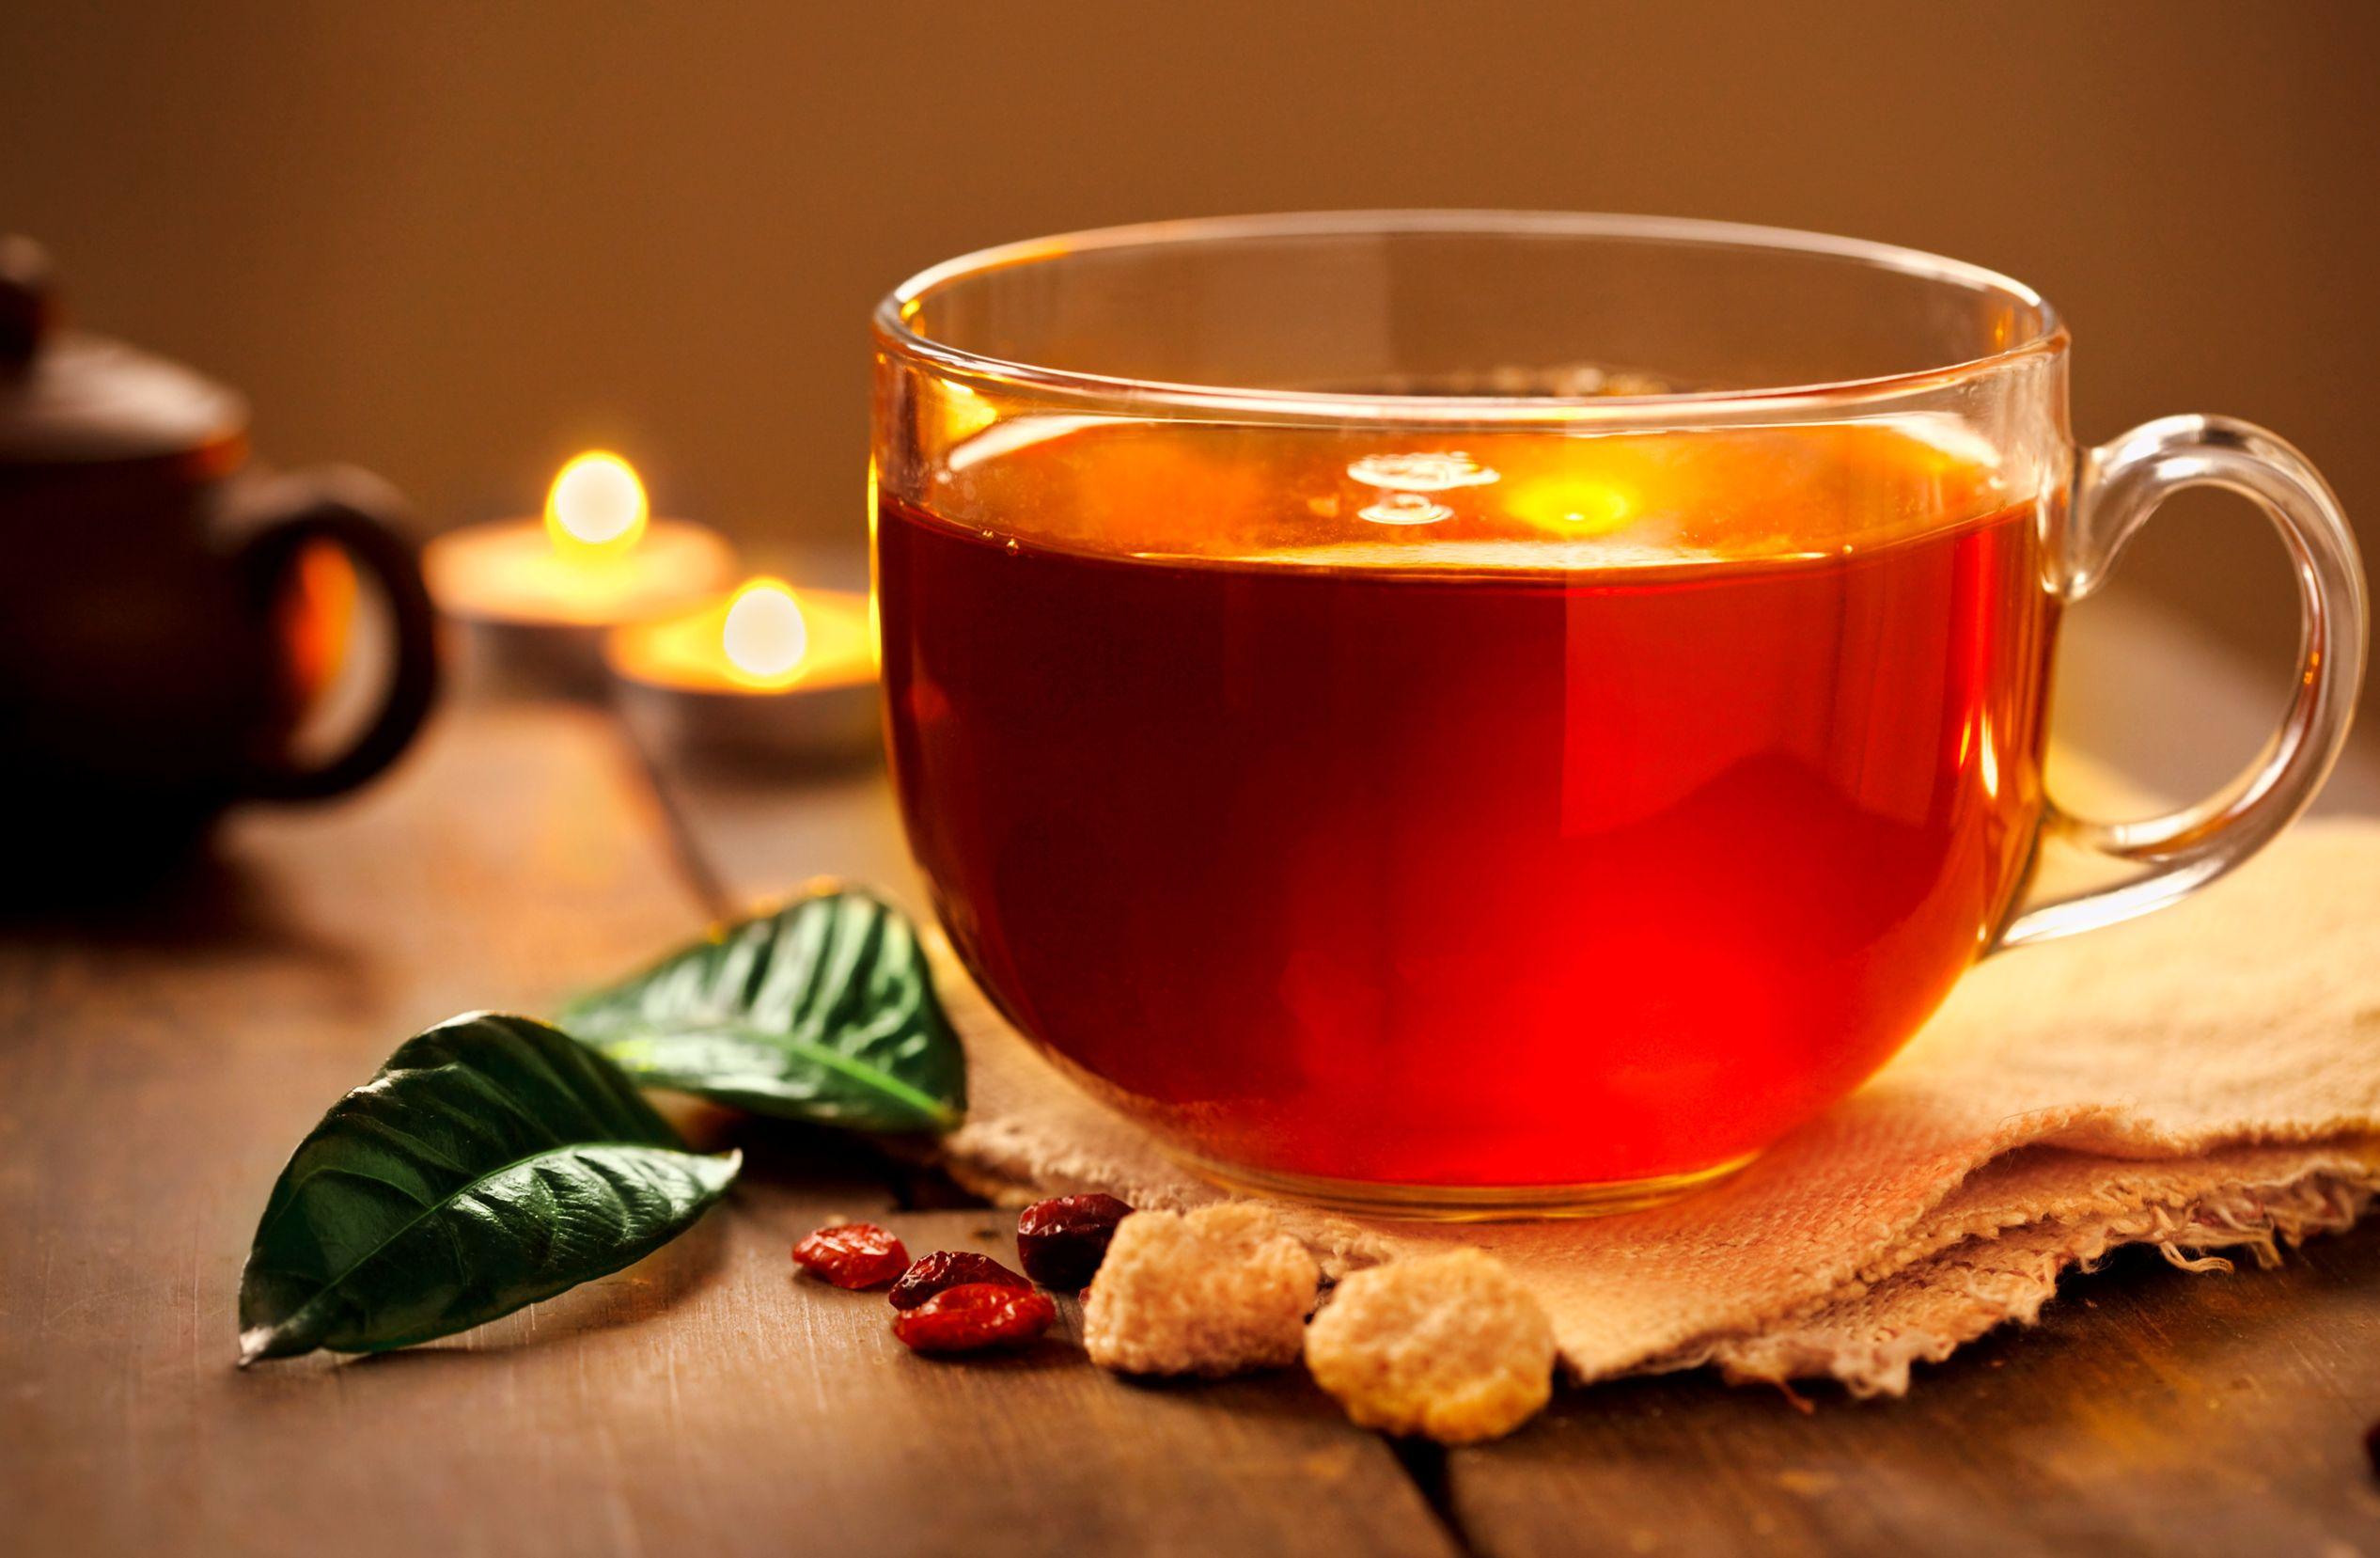 الفوائد المختلفة لشرب الشاي الأسود